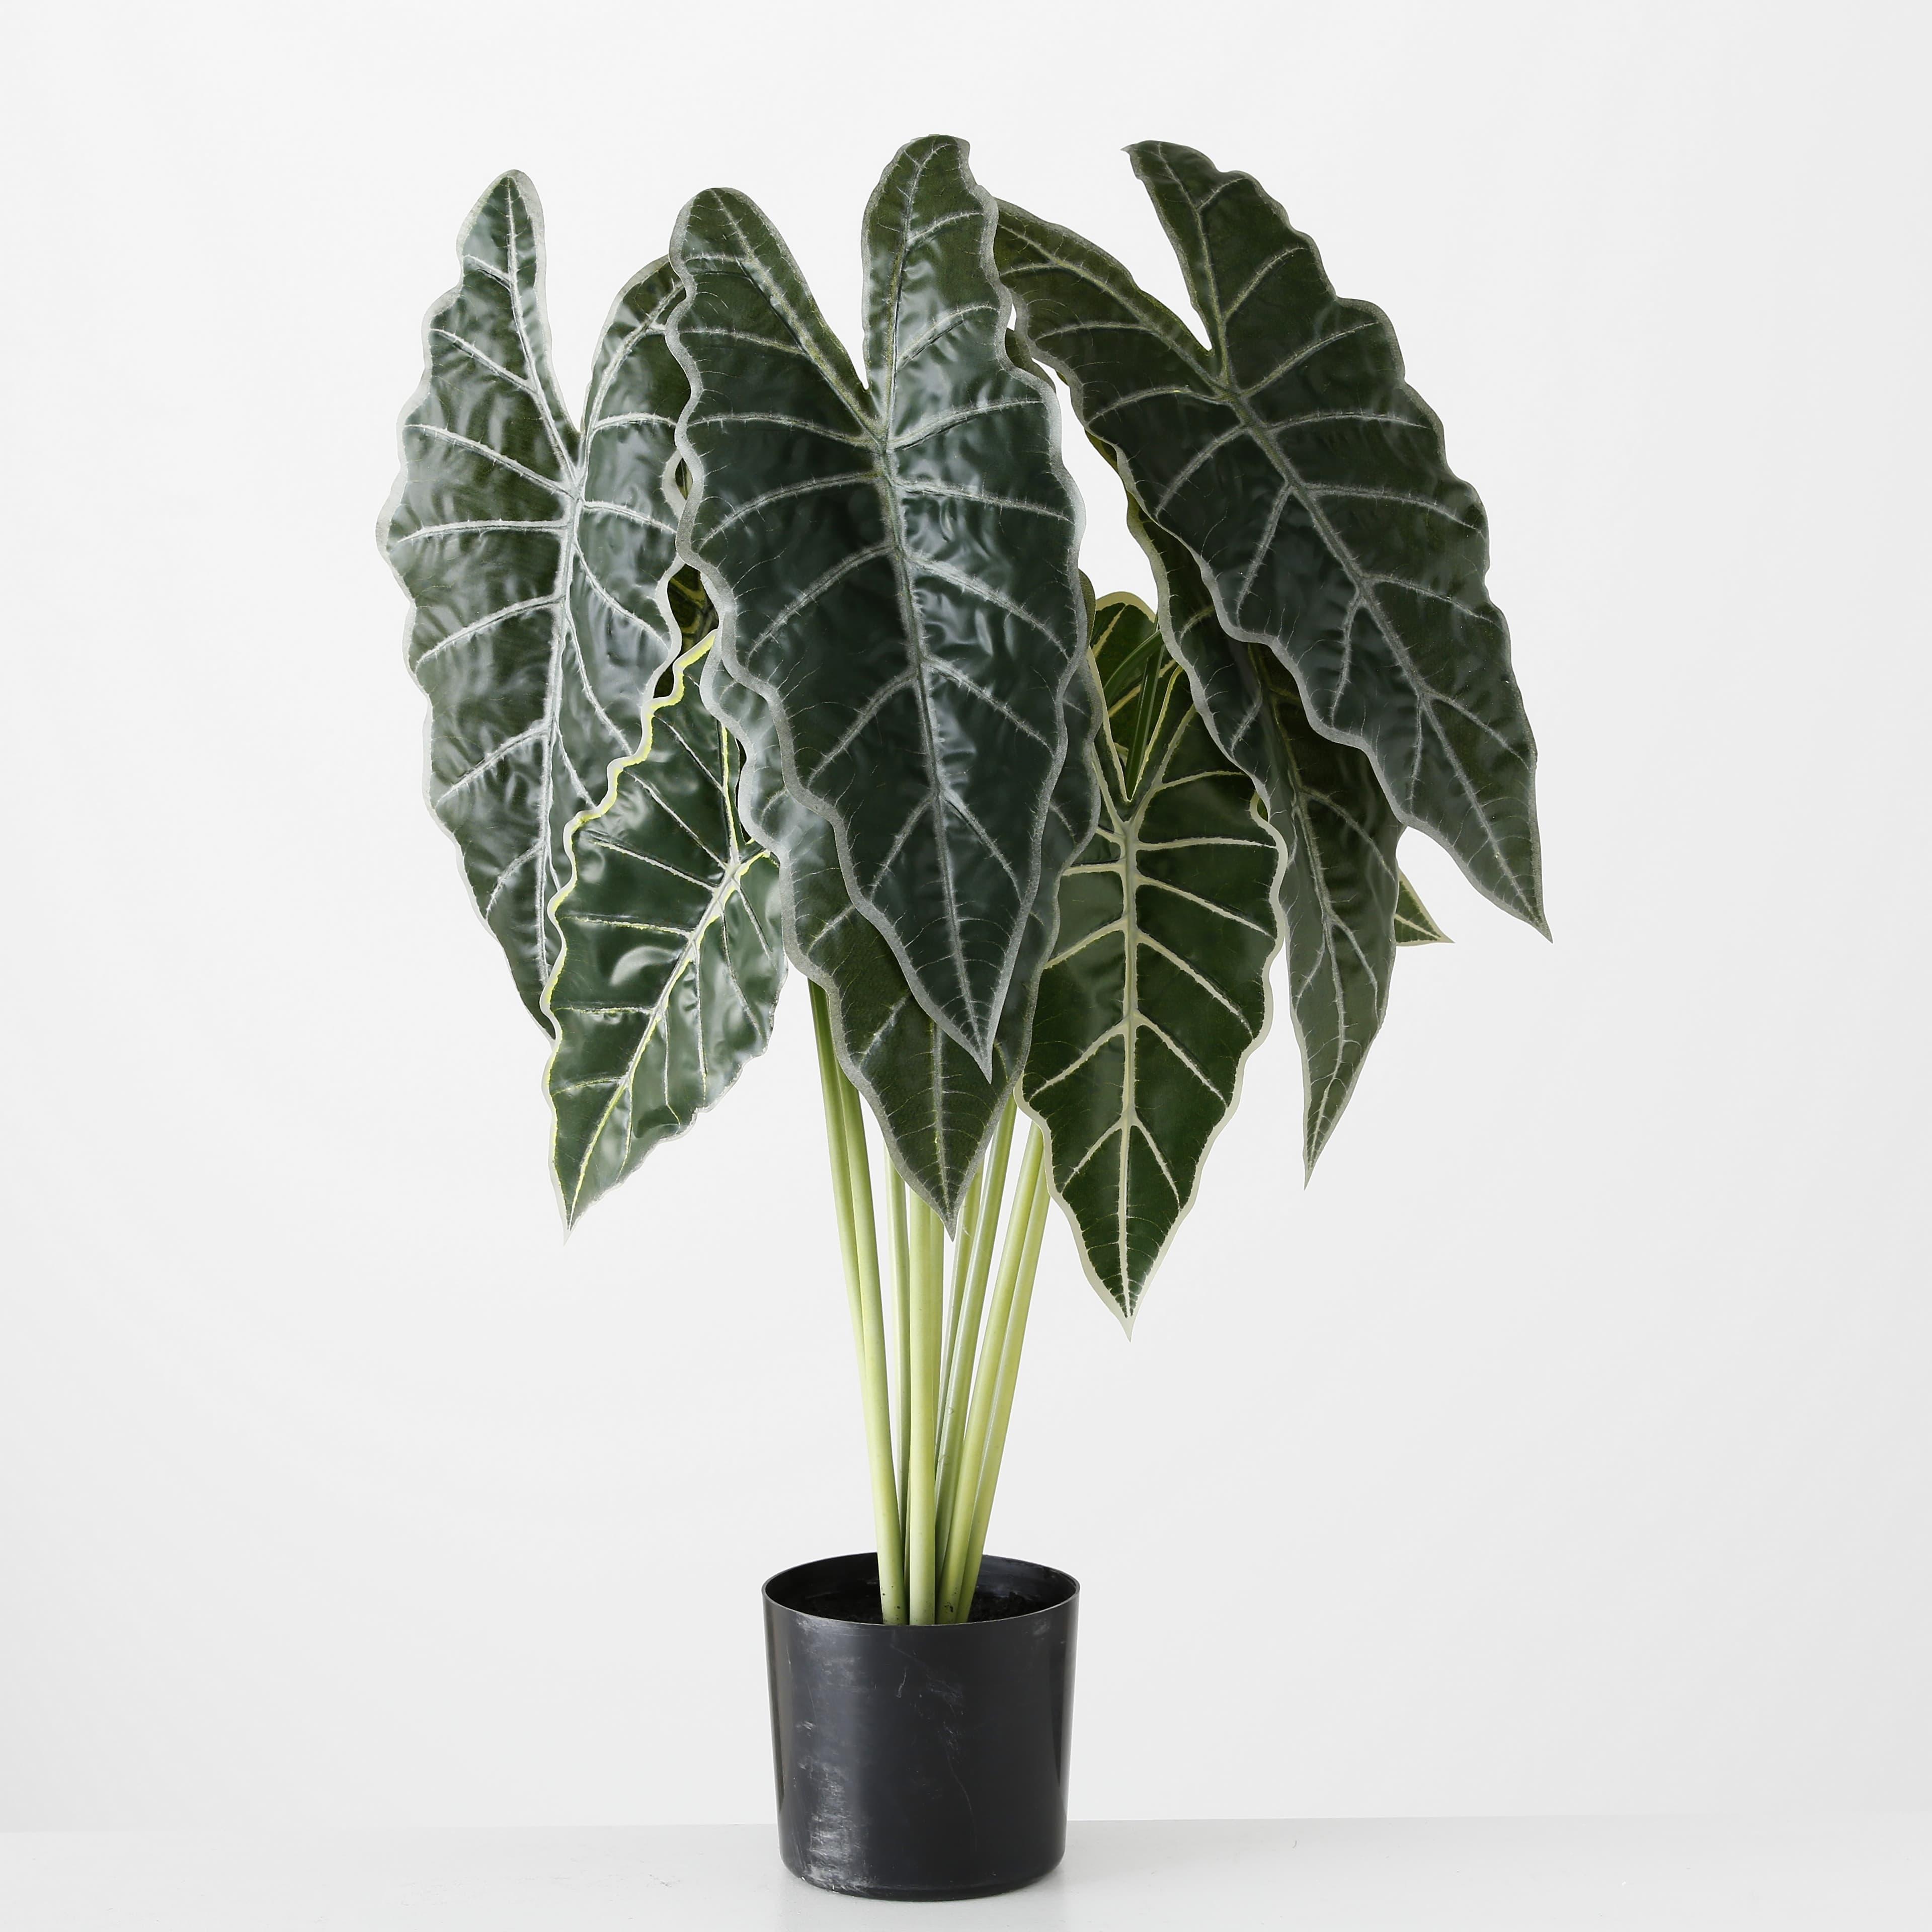 Planta artificiala in ghiveci Arrow Leaf Verde / Negru, H71 cm